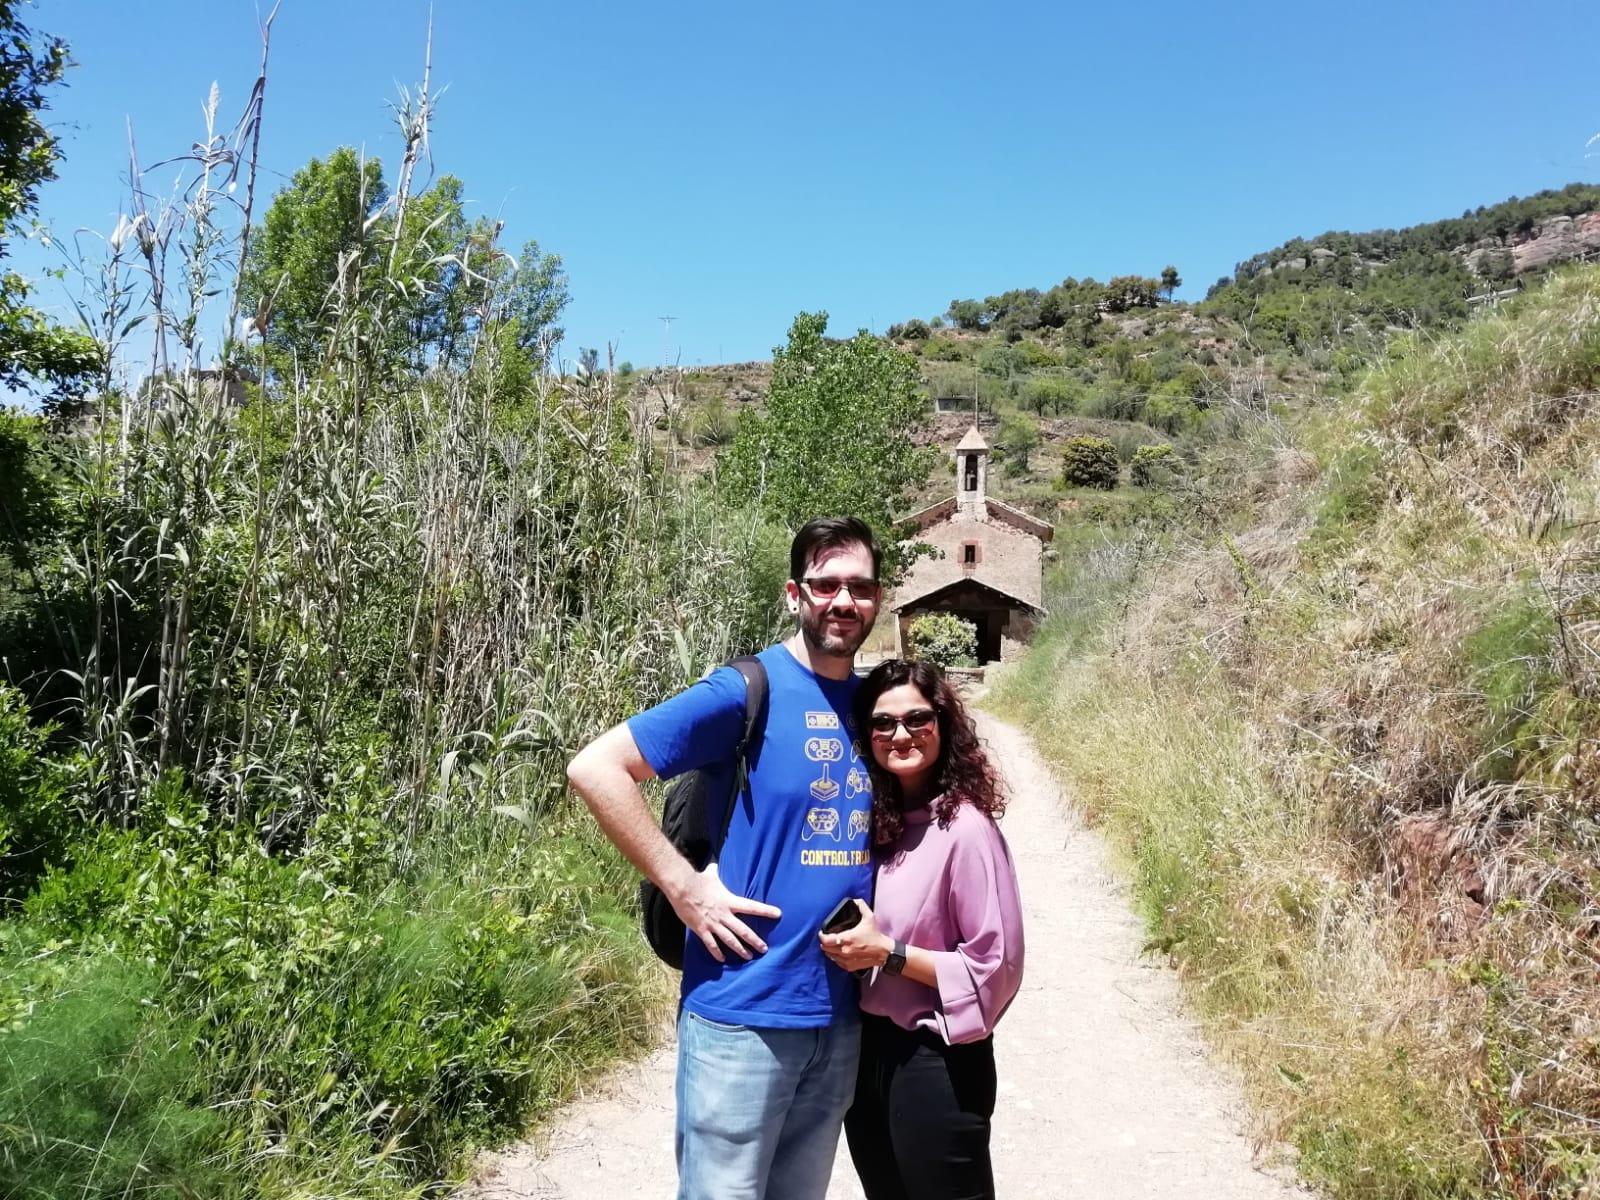 Sant Llorenç del Munt i l'Obac Natural Park